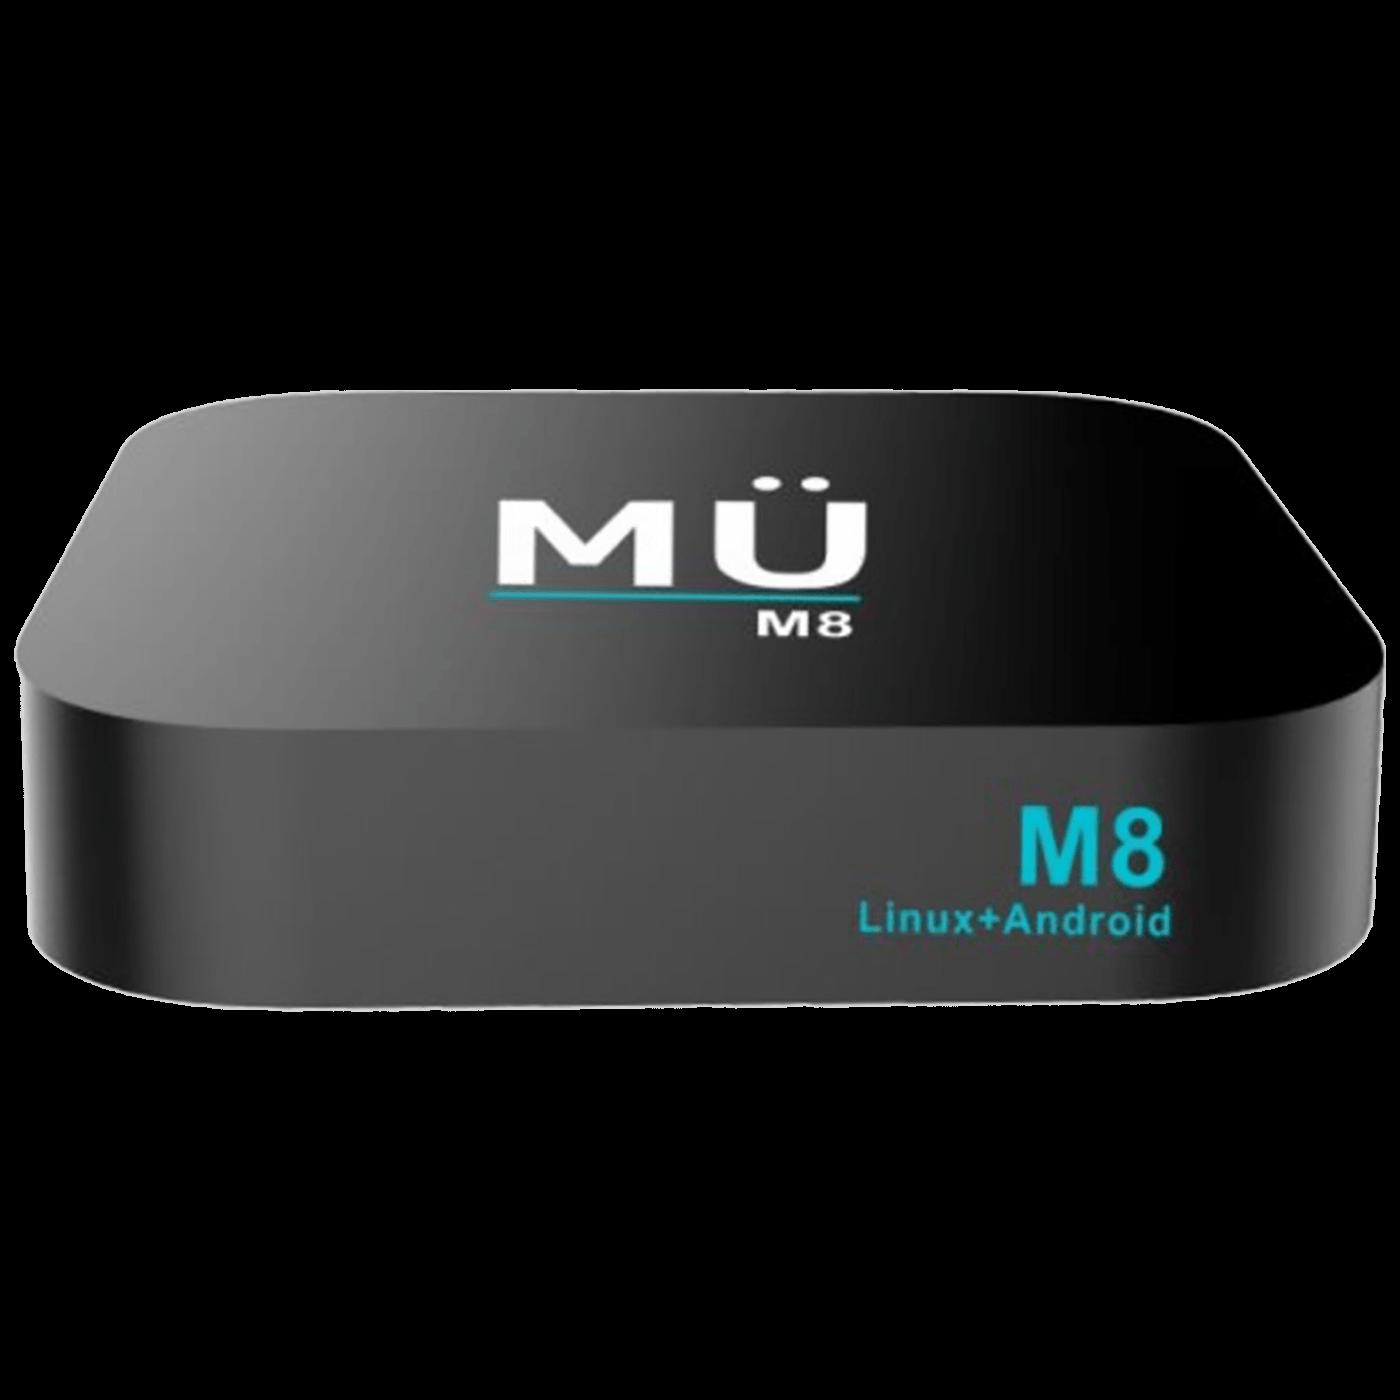 MÜ M8